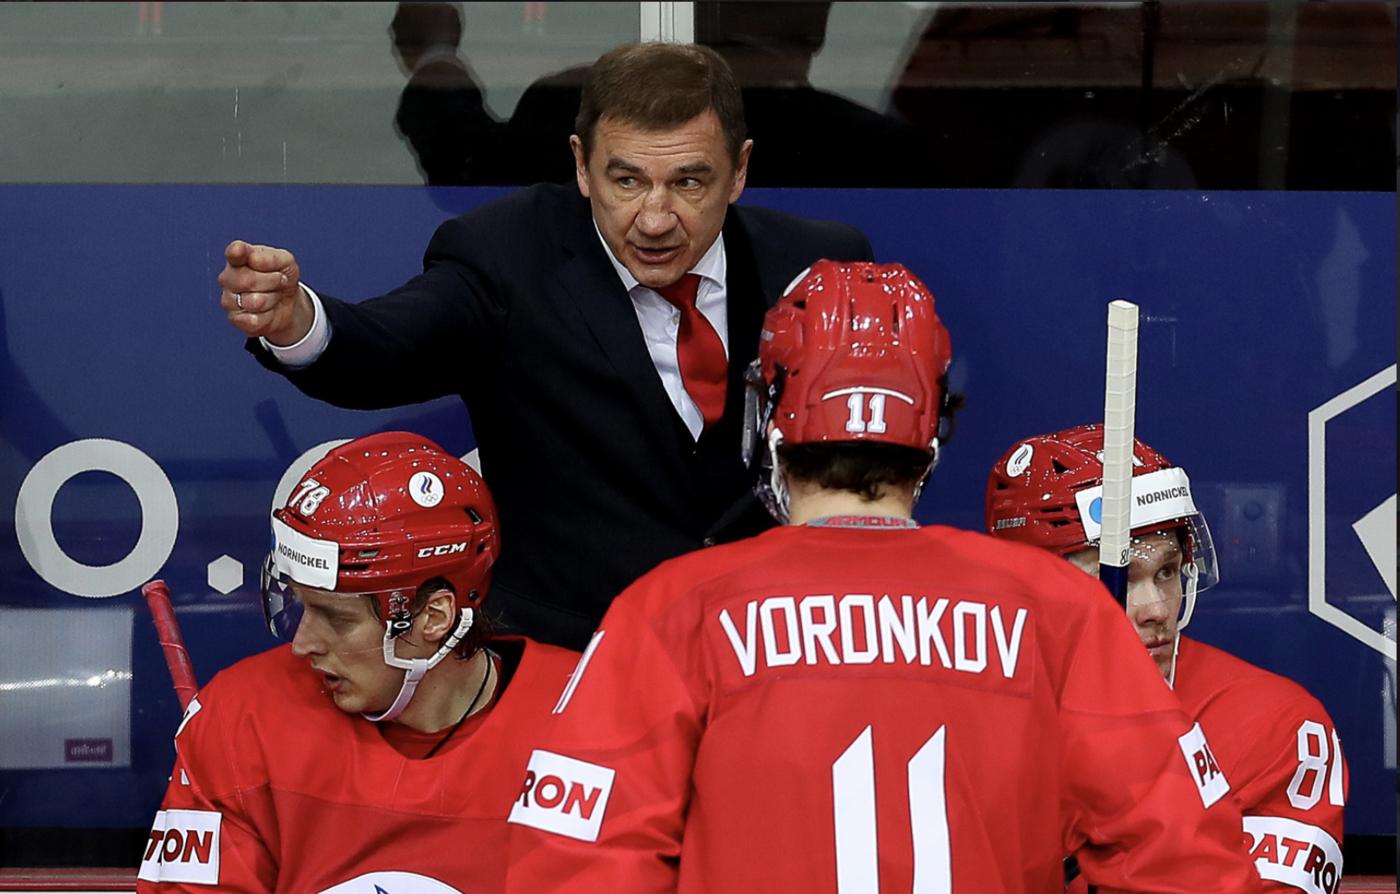 Кожевников: Сборной России не надо бойкотировать чемпионат мира! - фото